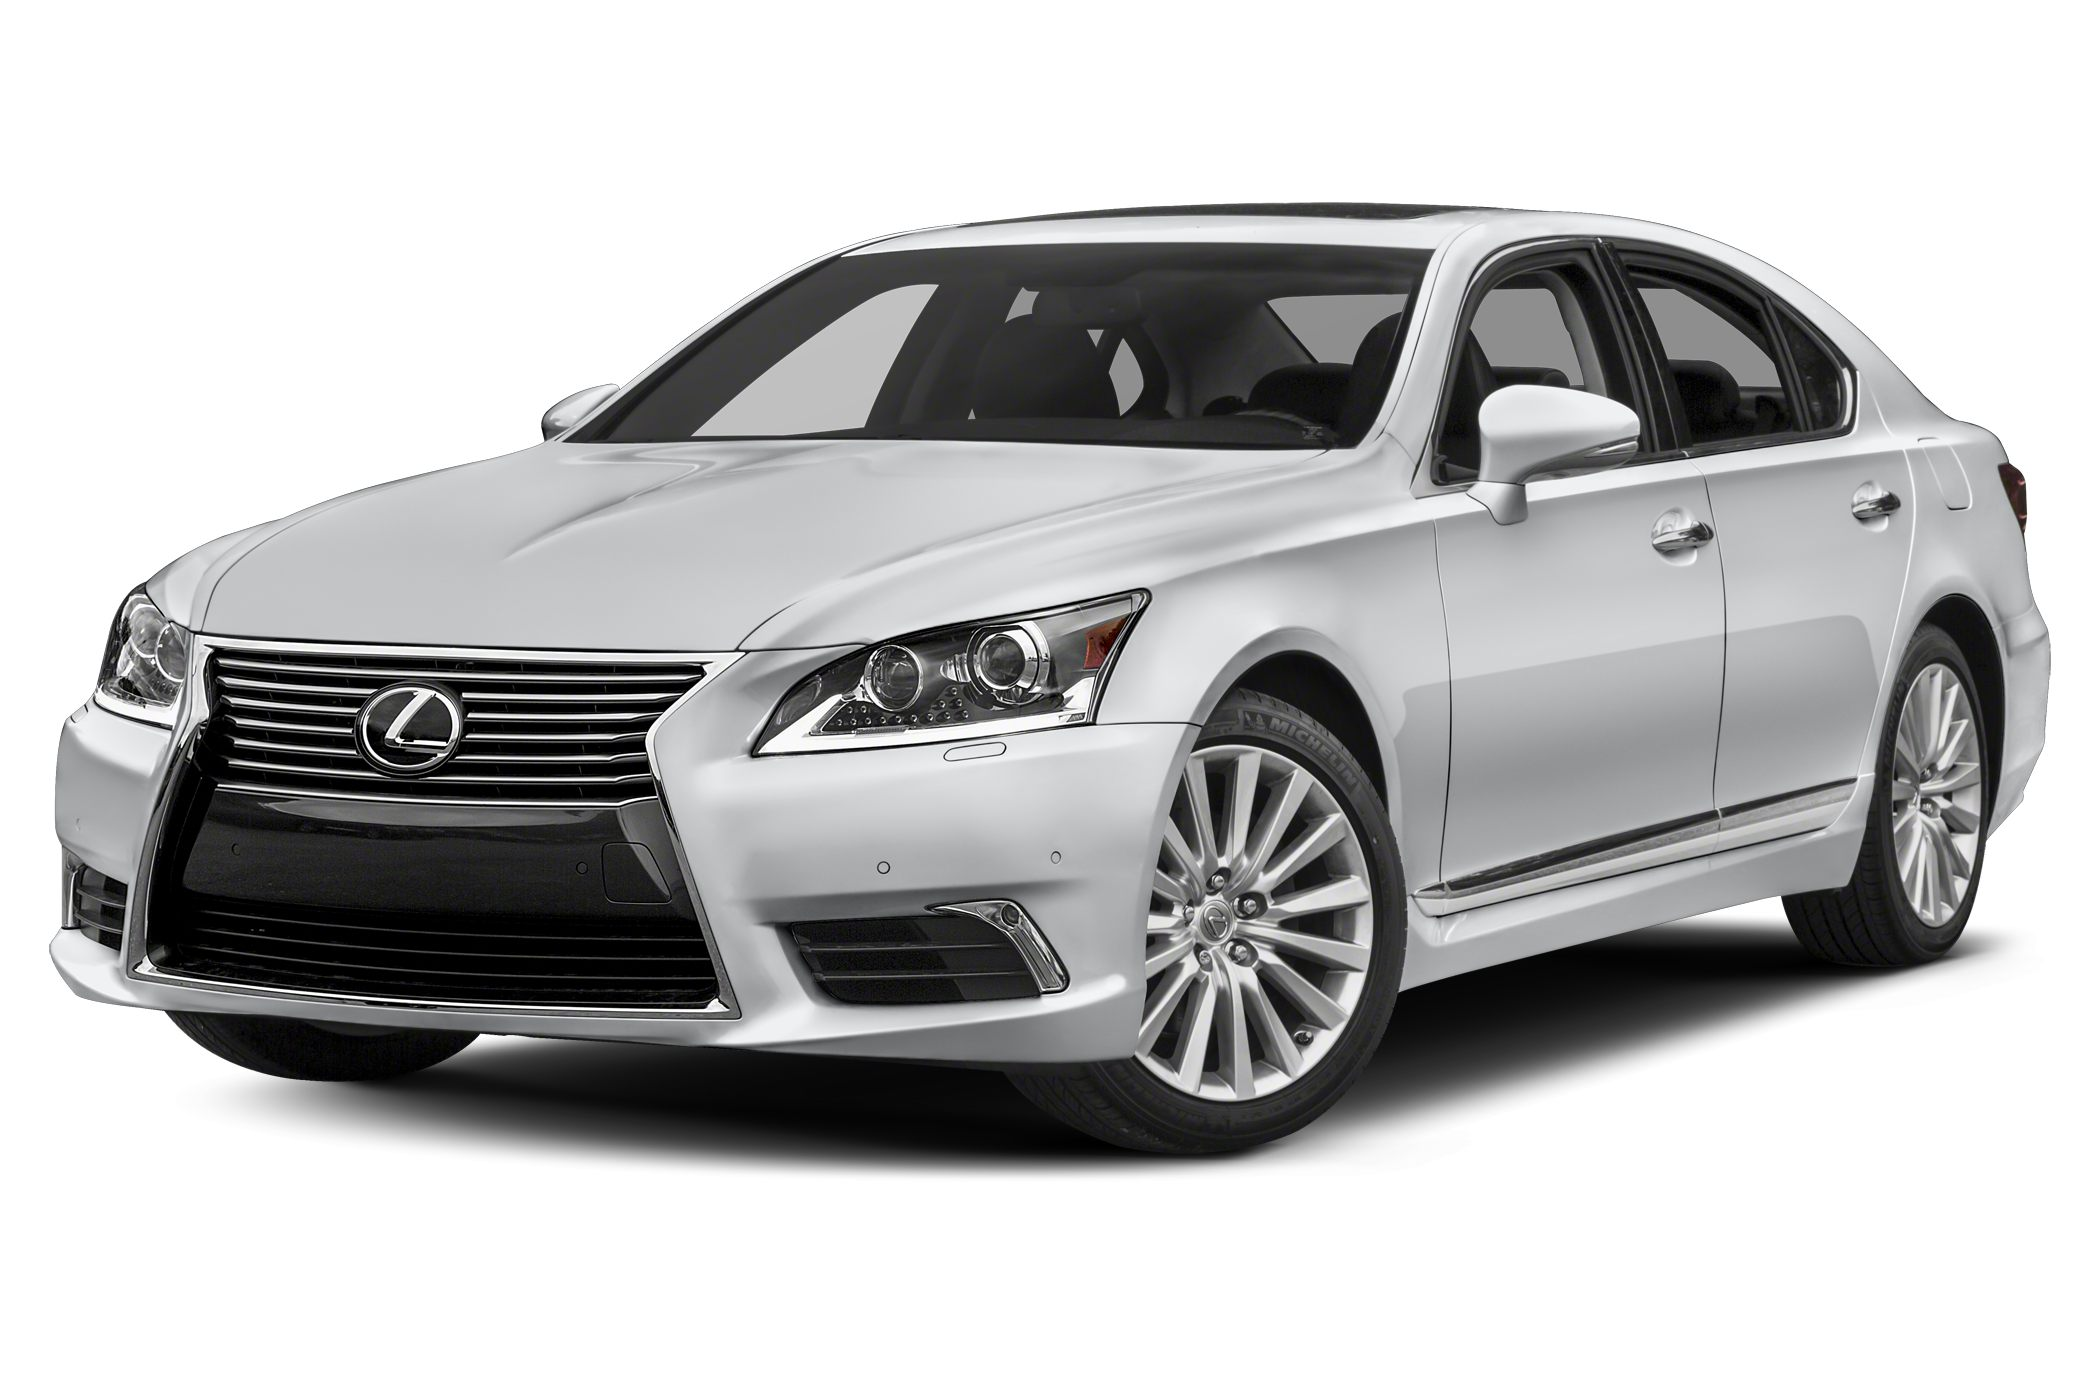 2017 Lexus - LS Luxury Sedan - Luxury Sedan